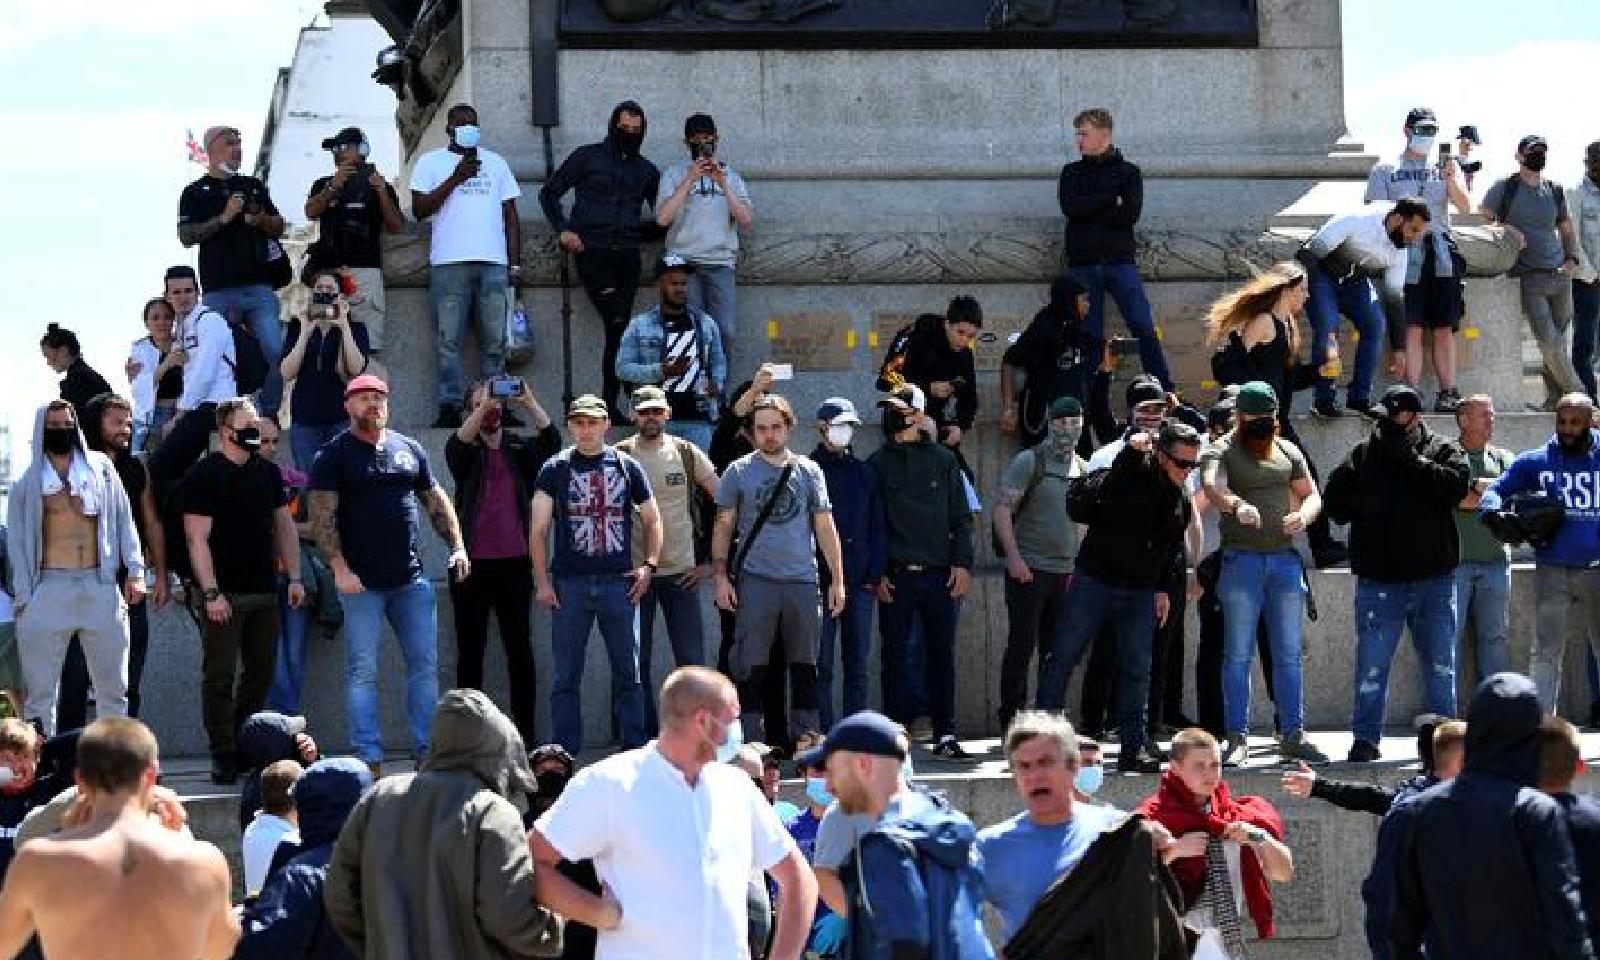 دائیں بازو کے سخت گیر شہریوں کی تعداد بھی زیادہ تھی—فوٹو:رائٹرز